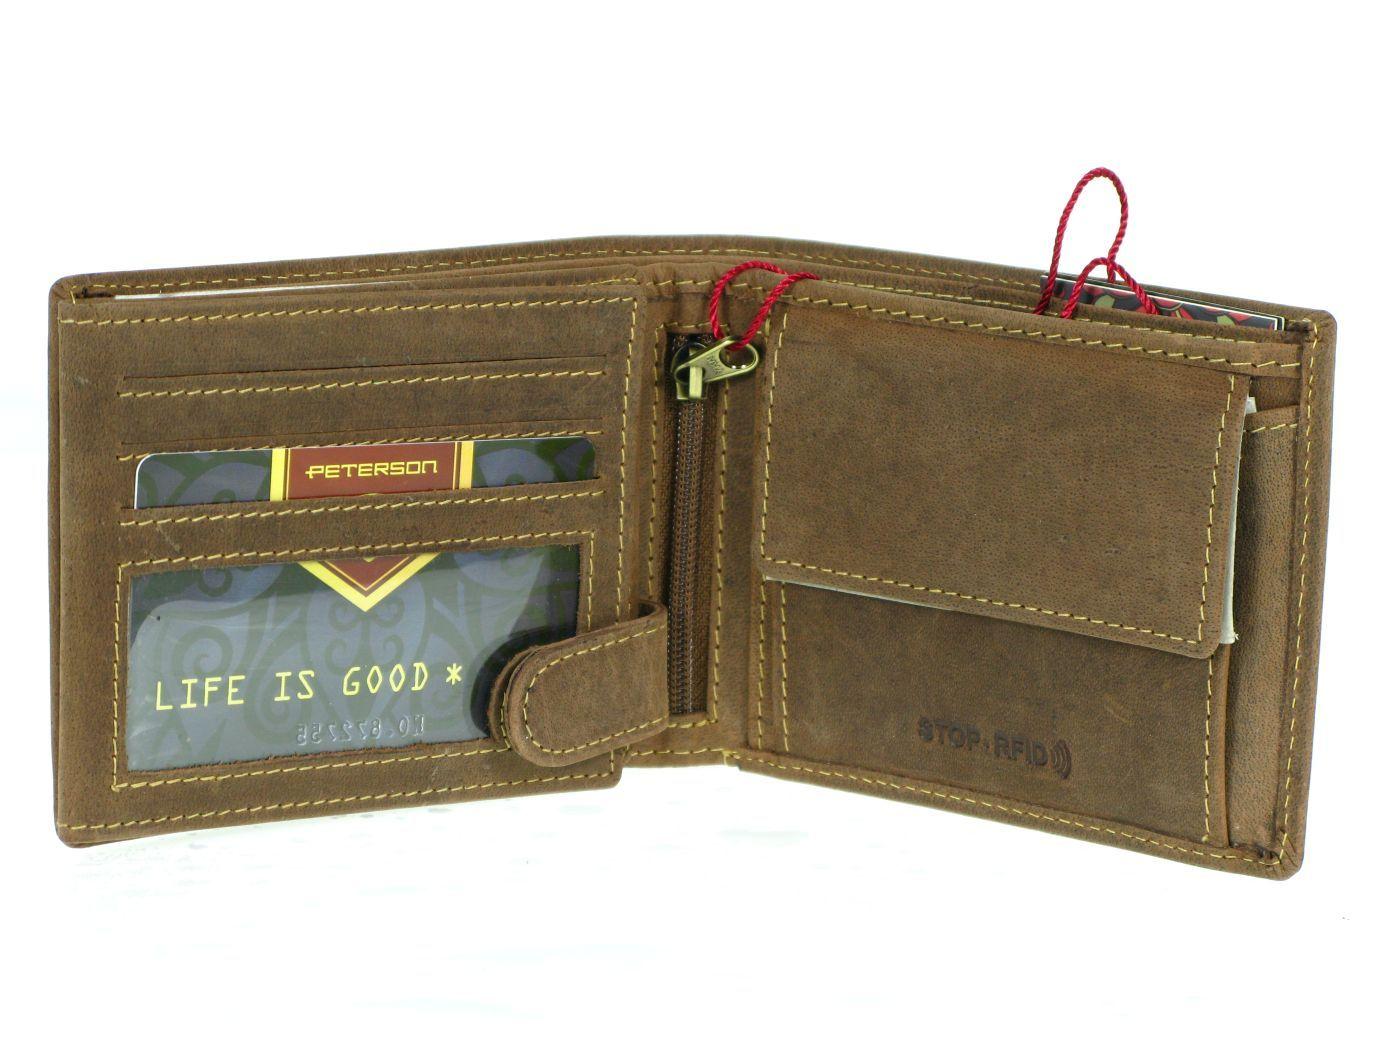 fd5bfa44018a5 ... portfel męski Peterson RW304-nubuk RFID ...